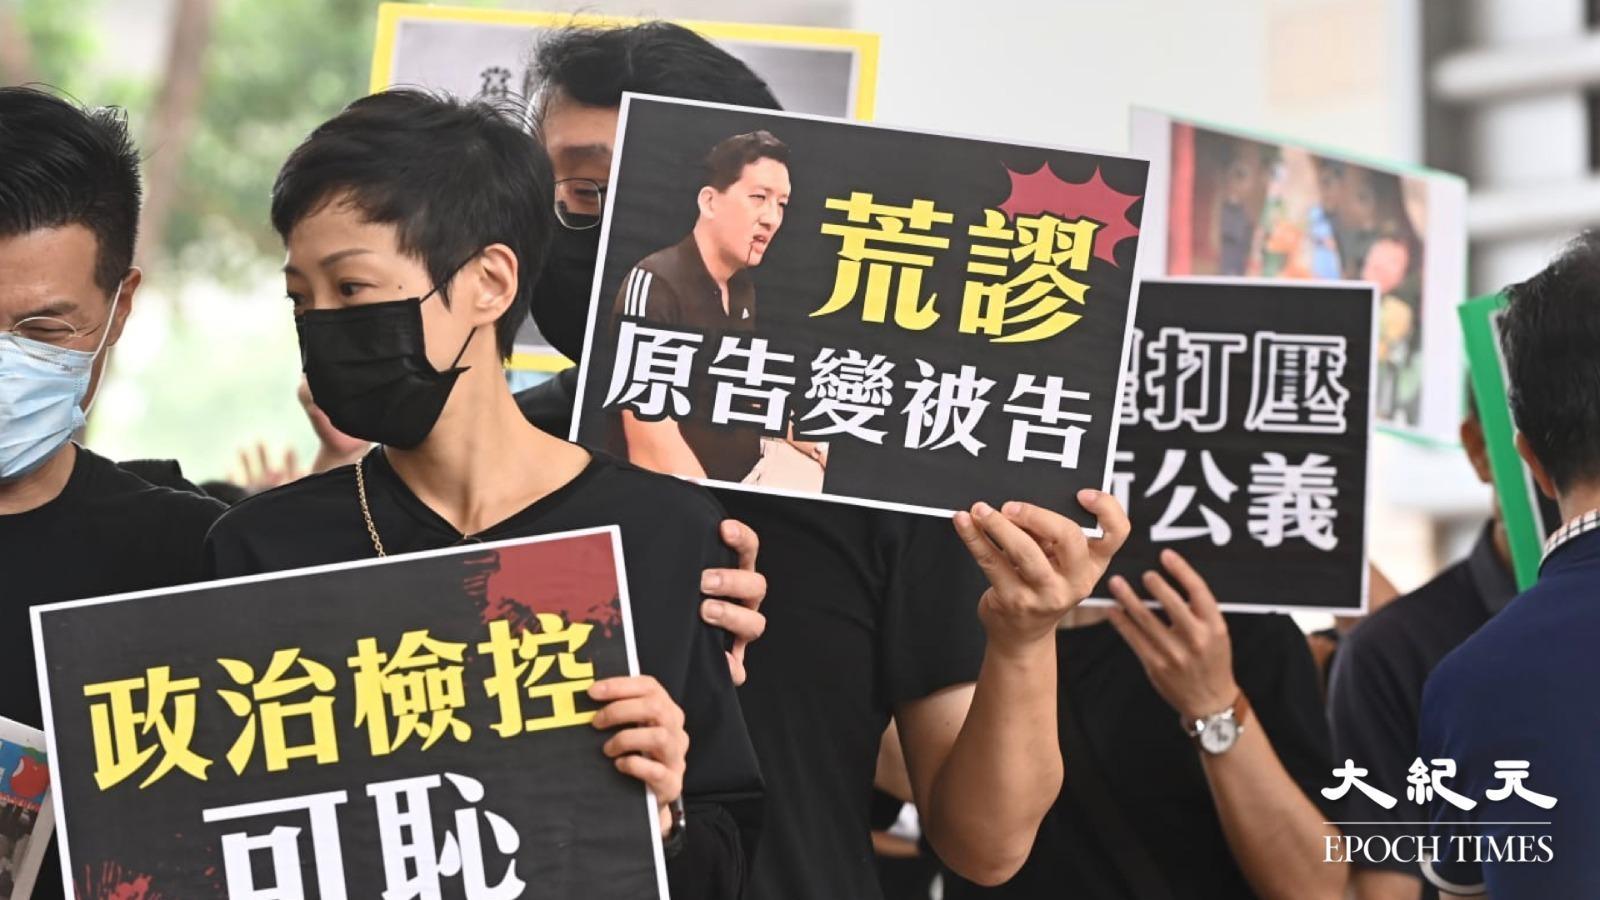 民主派身穿黑衣前來聲援,批評「政治檢控可恥」。(宋碧龍/大紀元)